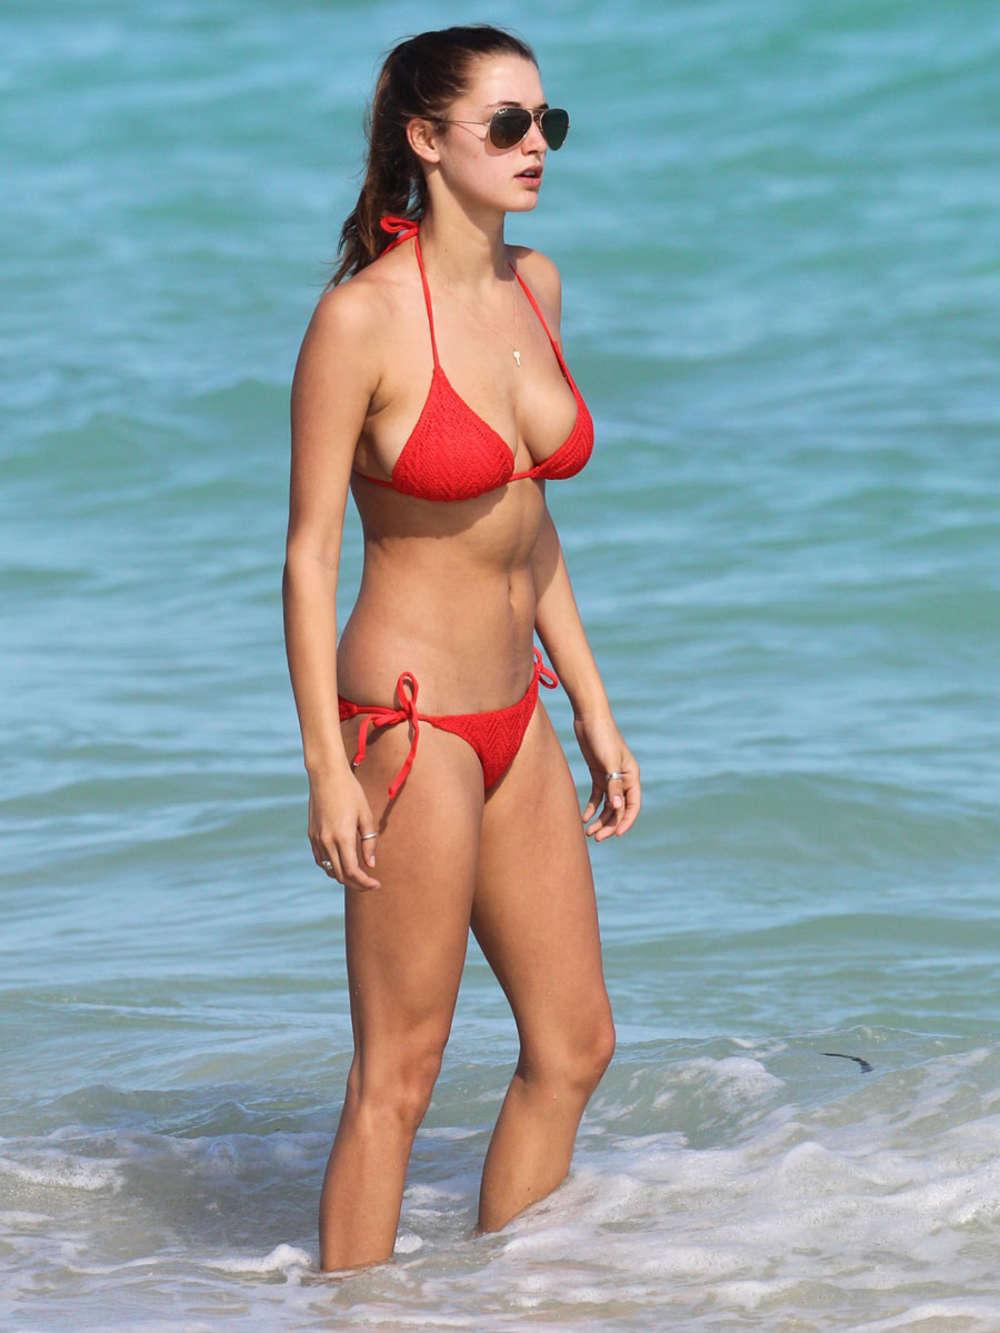 Alyssa Arce Wearing Red Bikini on the beach in Miami